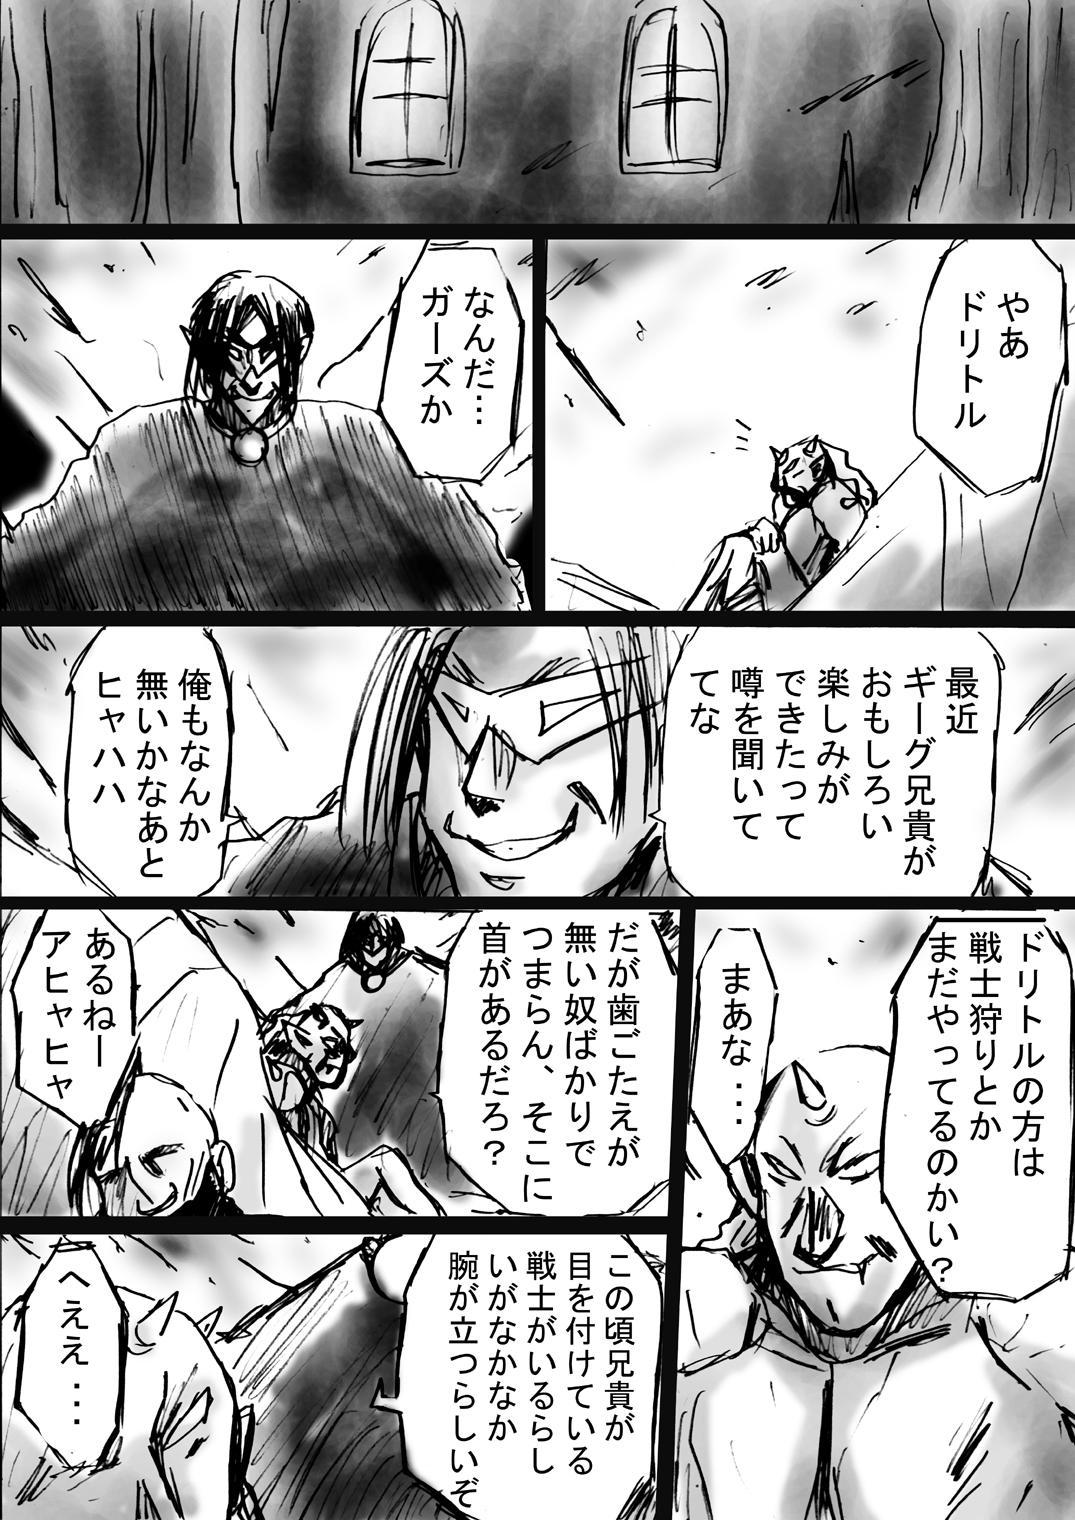 [Dende] Fushigi Sekai -Mystery World- Nonoha 5 ~Jokuma no Kyouniku no Tainai Shinshoku~ 15